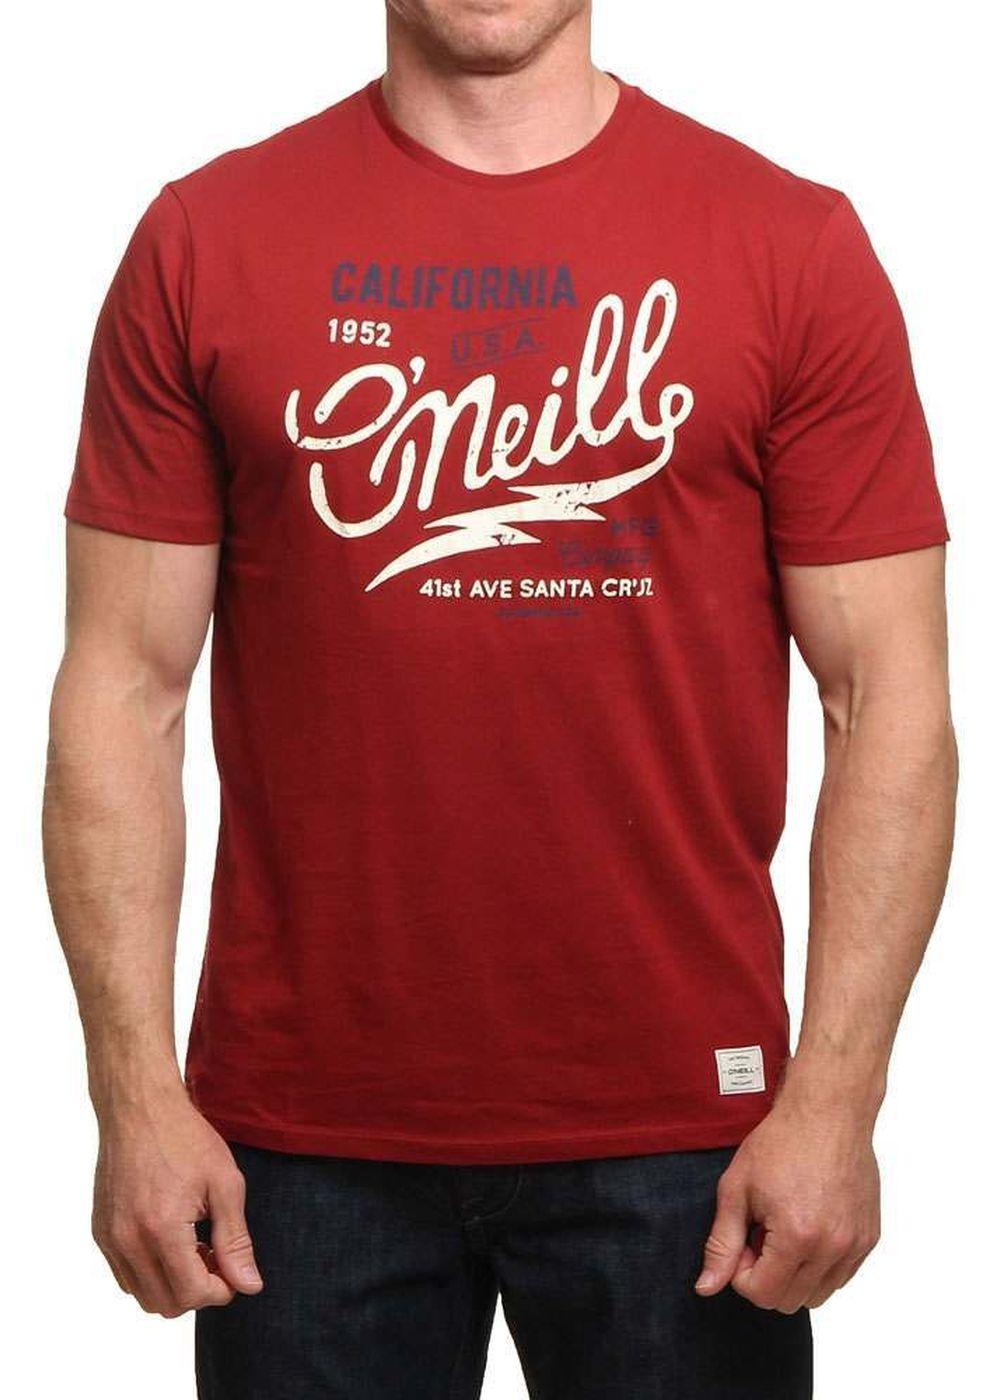 oneill-logo-type-tee-sundried-tomato